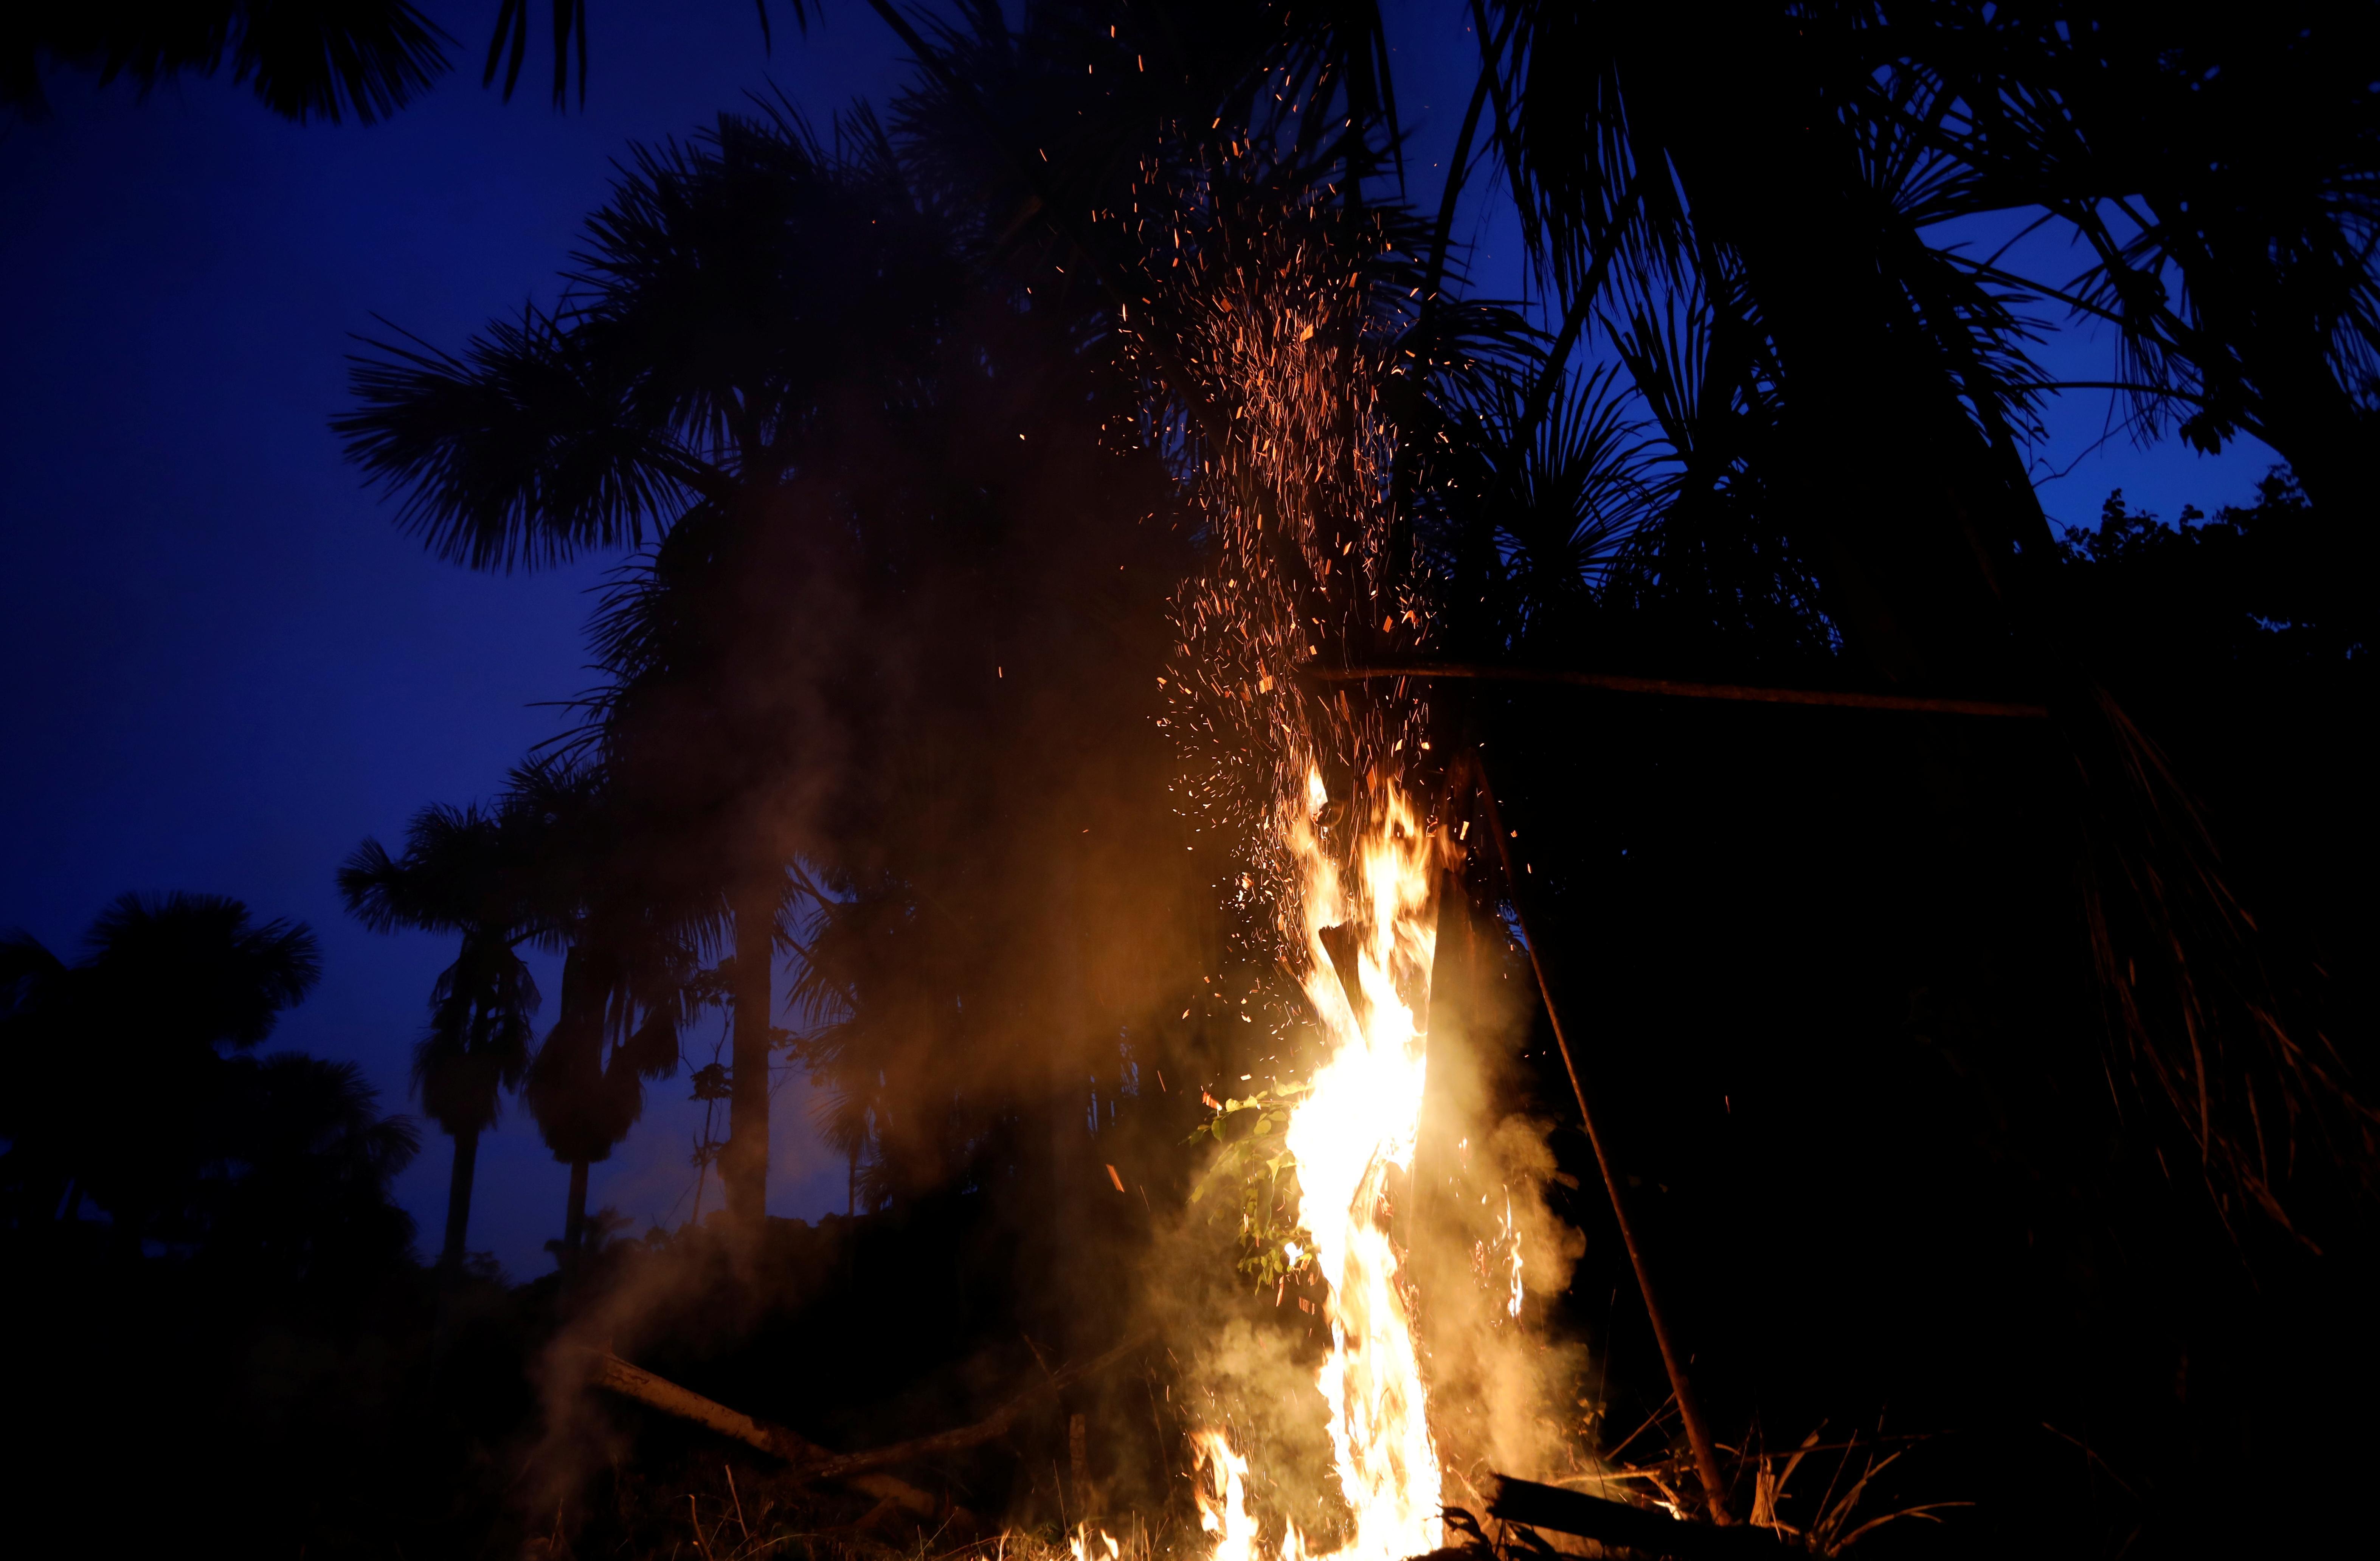 Brazil's Bolsonaro says army may help fight Amazon fires